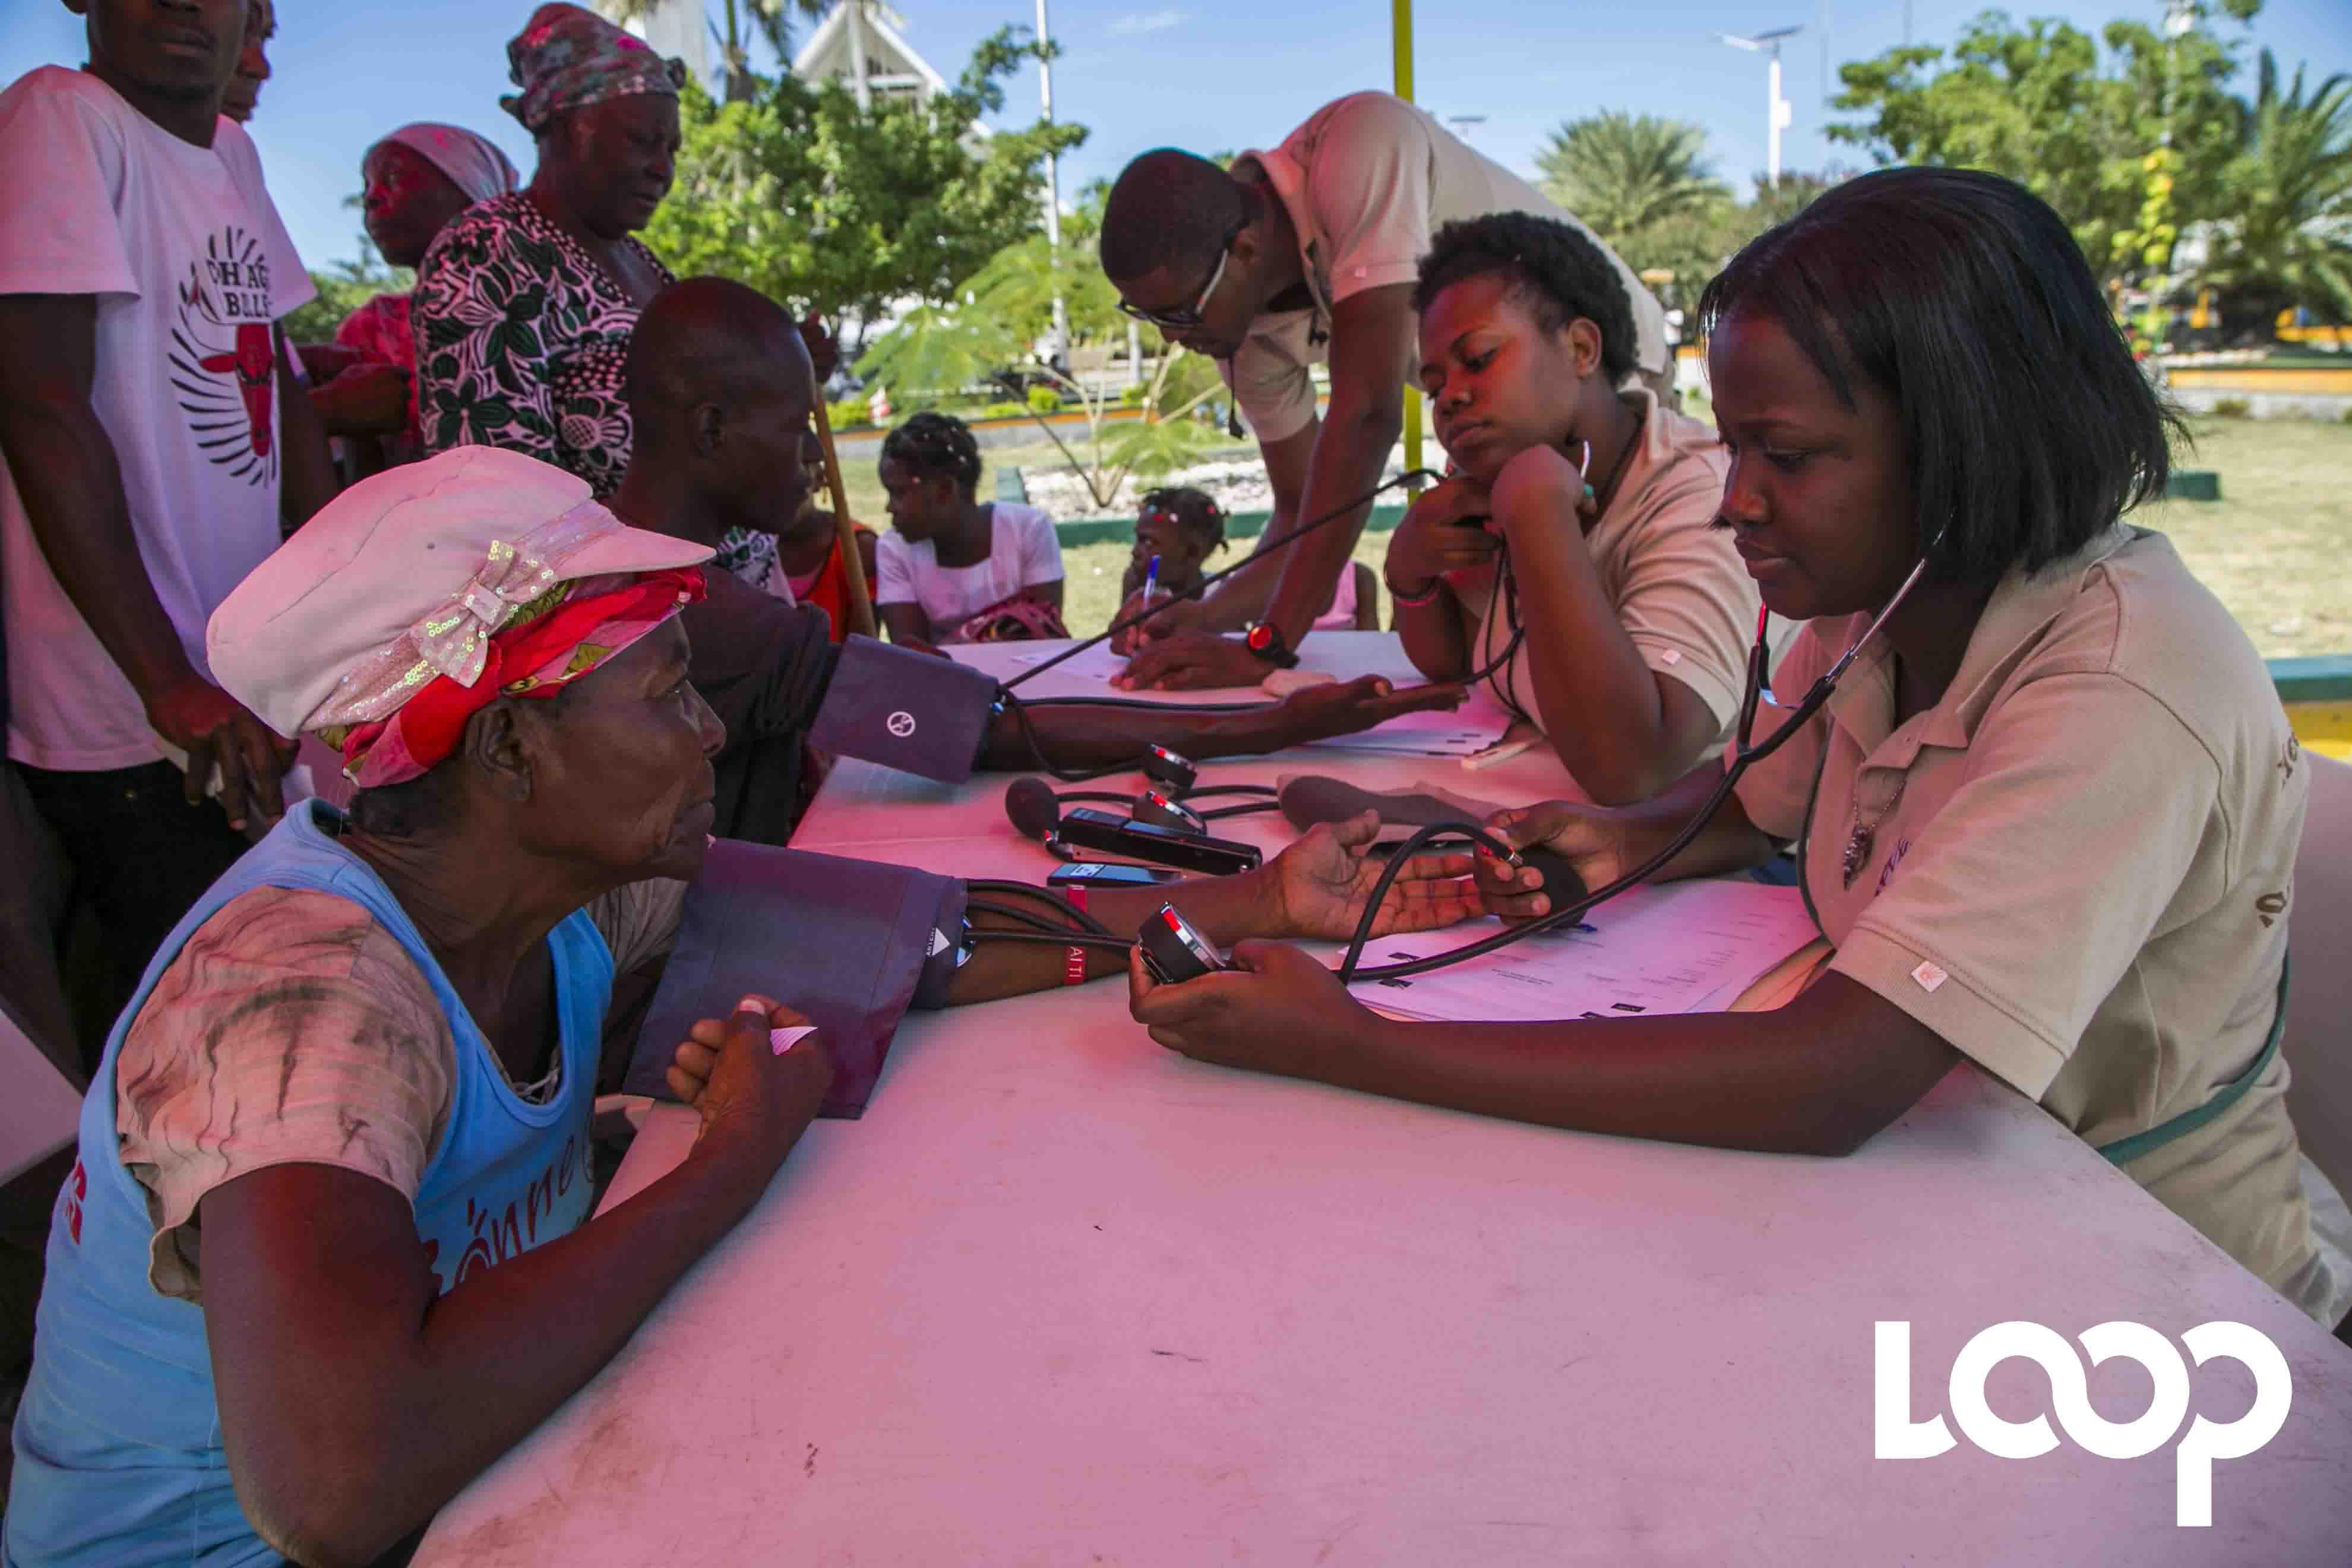 Digicel et l'ONG AHF procurent des soins gratuits aux Gonaïves. Photo : Estailove St-Val/LoopHaiti